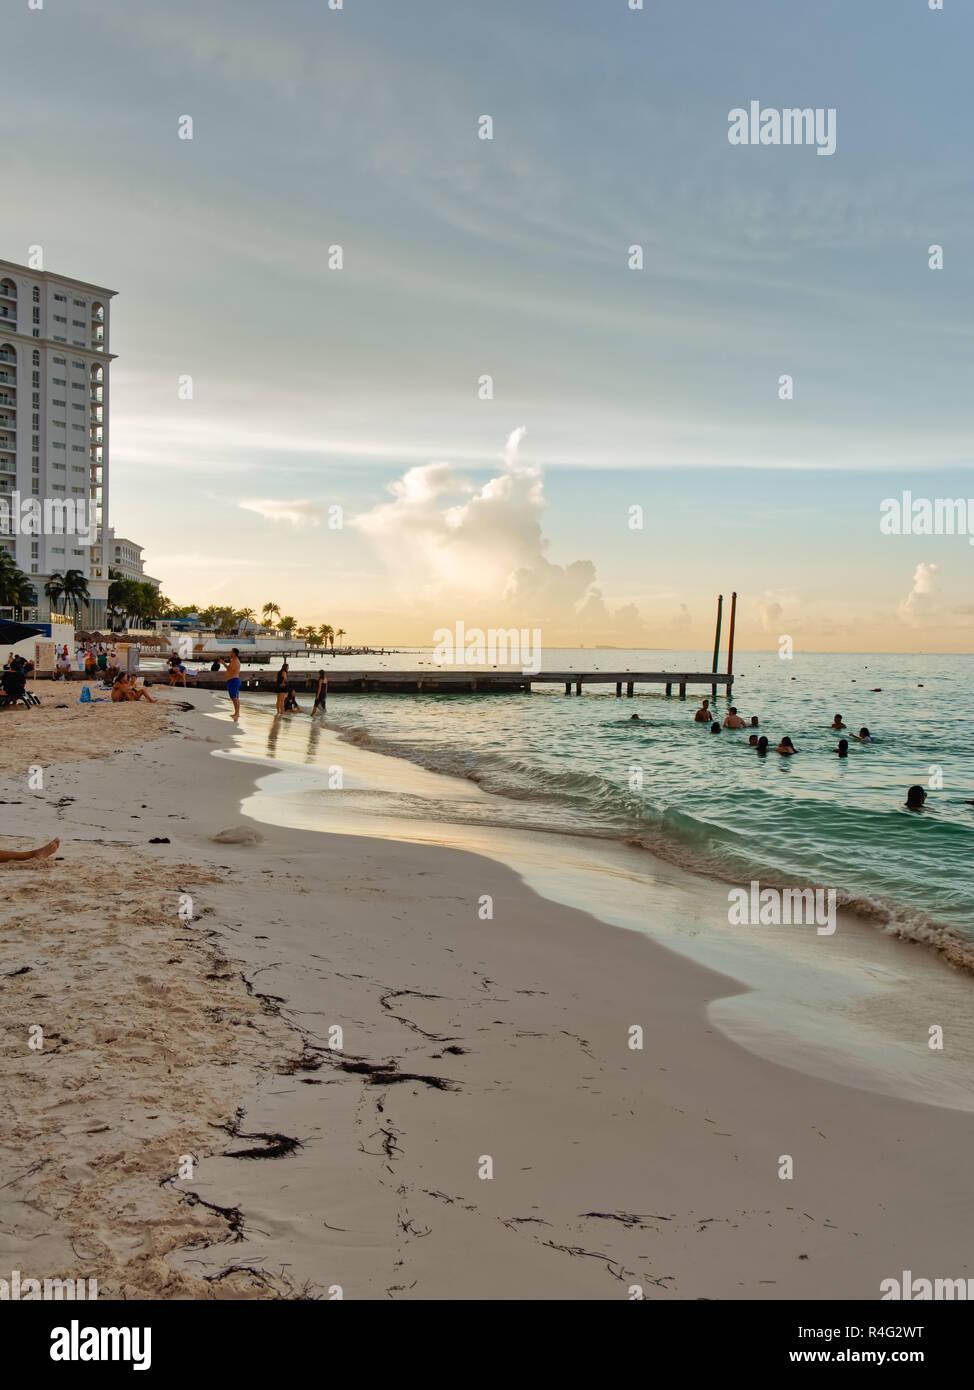 Playa Tropical con el muelle y el hotel al atardecer, Playa Caracol, el Boulevard Kukulcan, Zona Hotelera, Cancún, México, en septiembre 8, 2018 Imagen De Stock